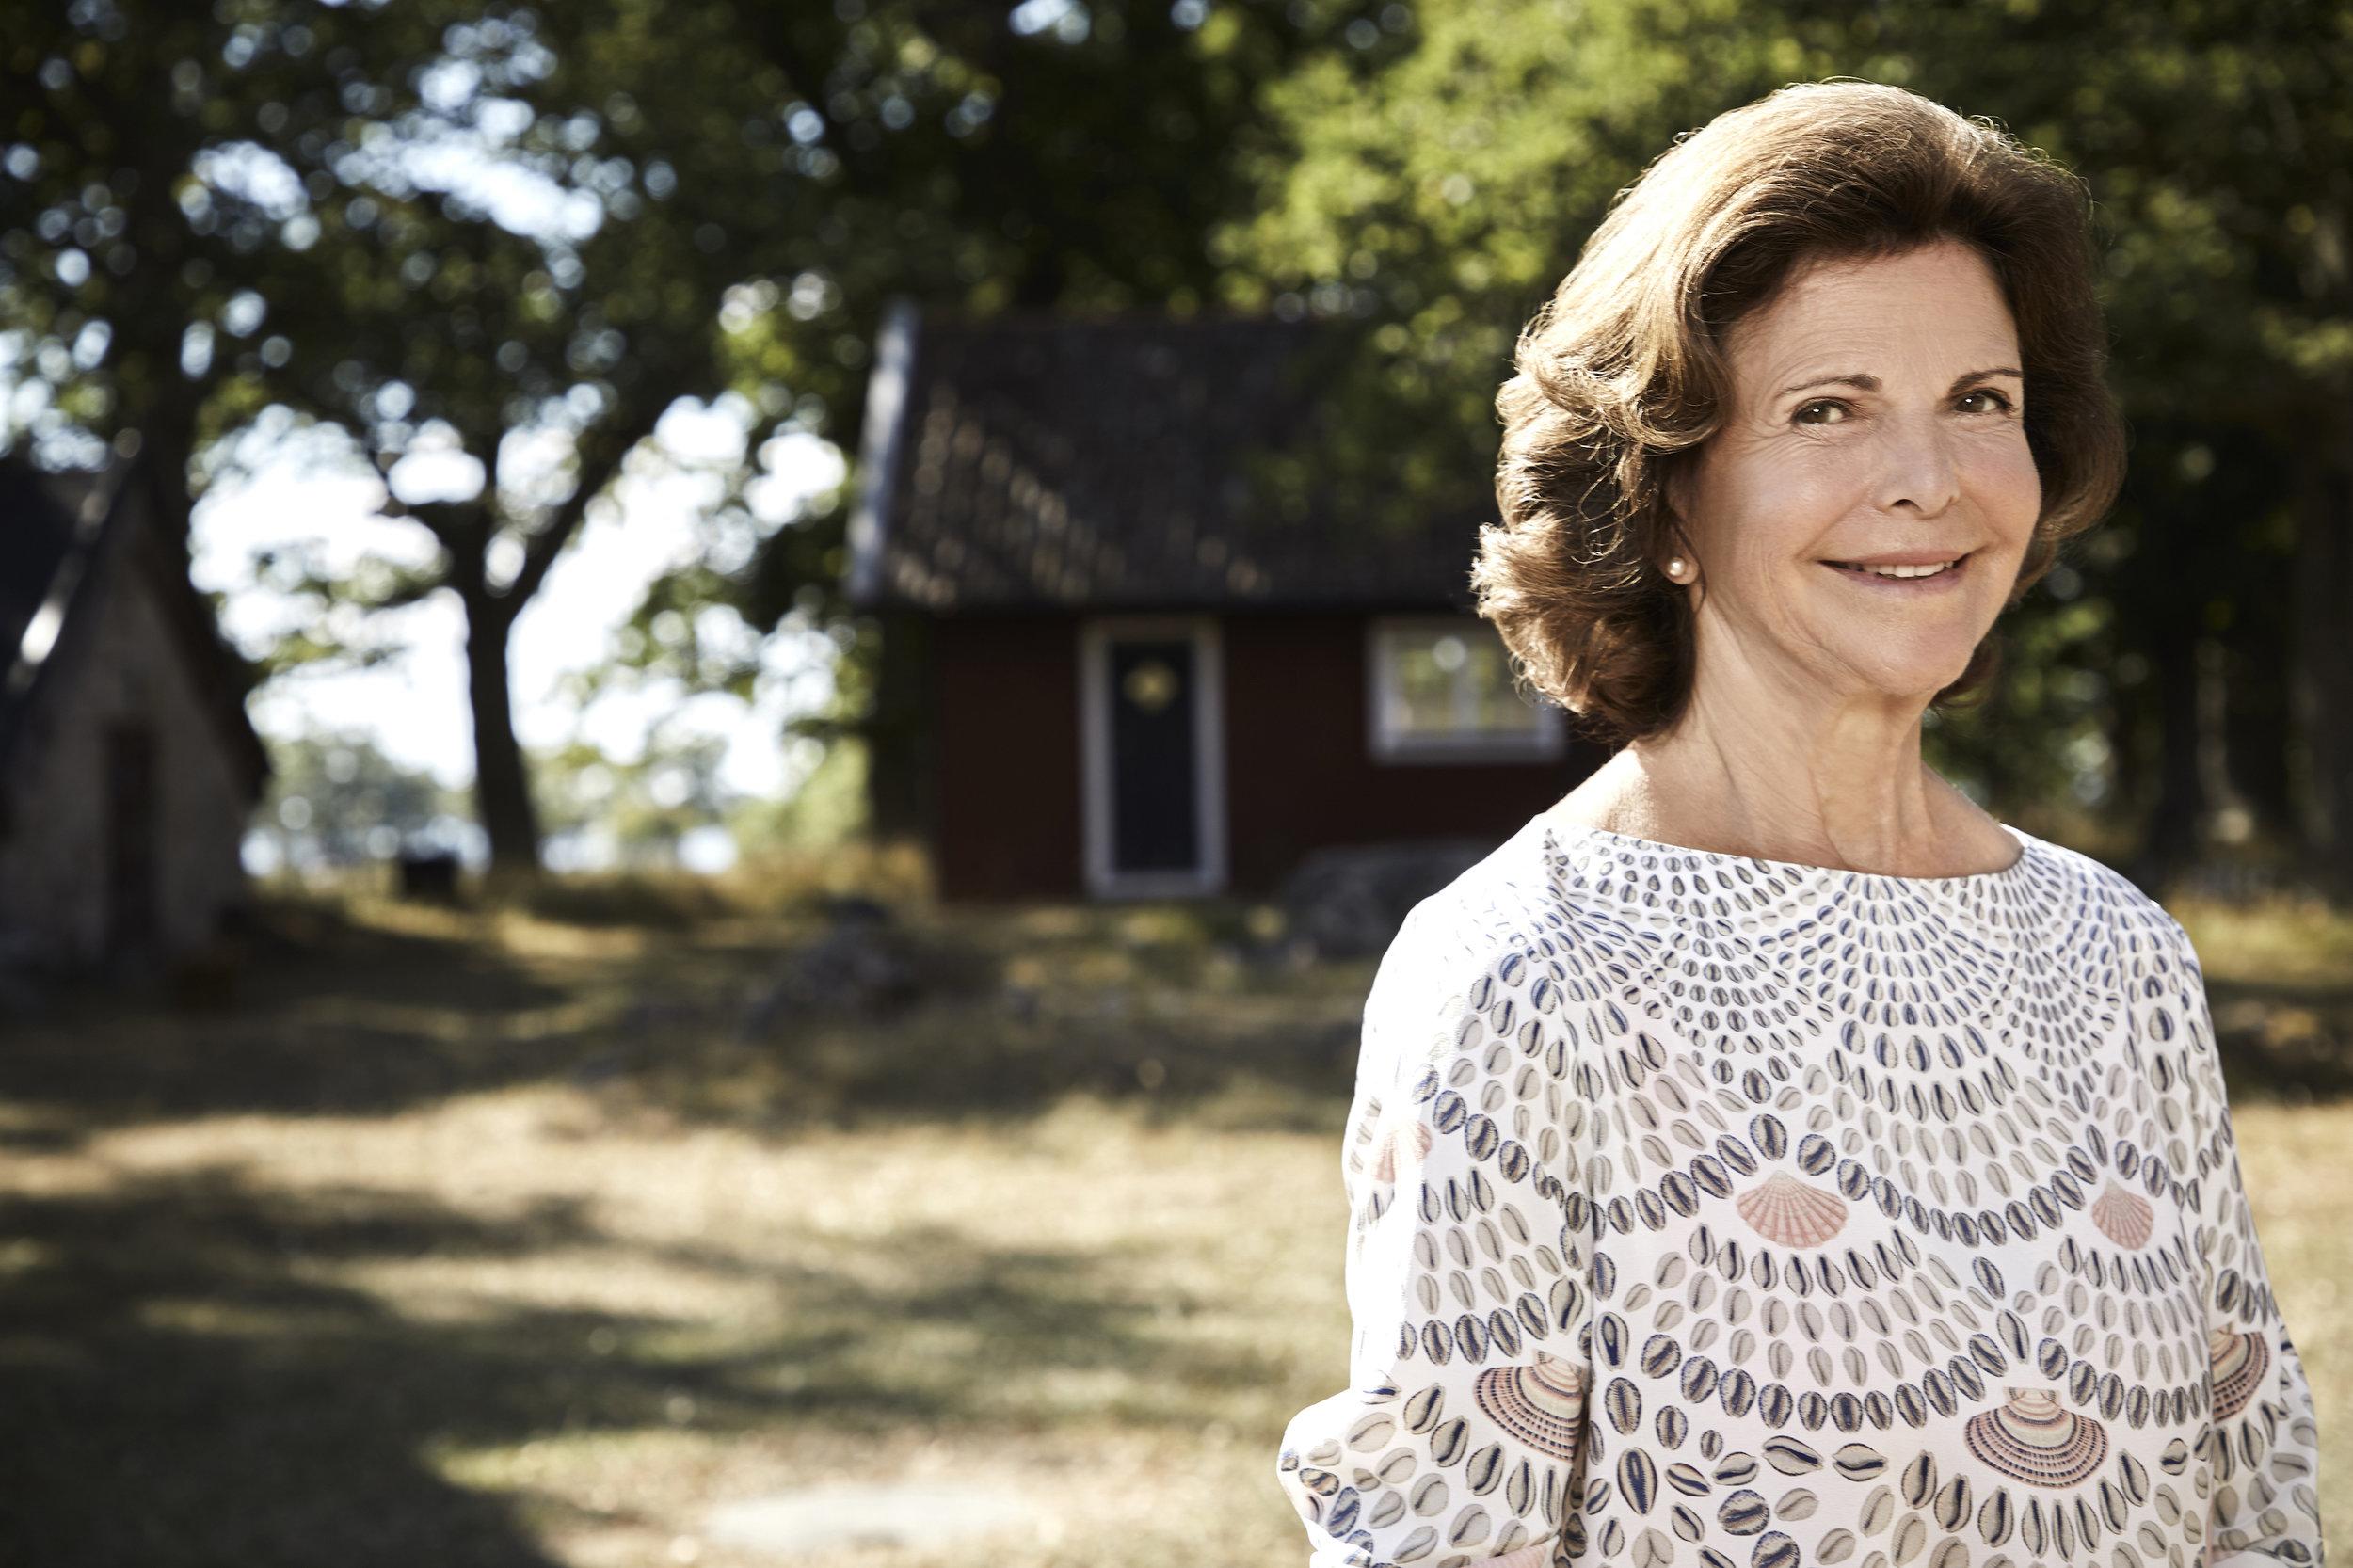 """""""Du bist für mich ein großes Vorbild, und ich bin stolz darauf, dass du meine Mutter bist. Ich liebe dich"""", erklärte Kronprinzessin Victoria in einer Rede über ihre Mutter.  ©Anna-Lena Ahlström, Kungl. Hovstaterna"""